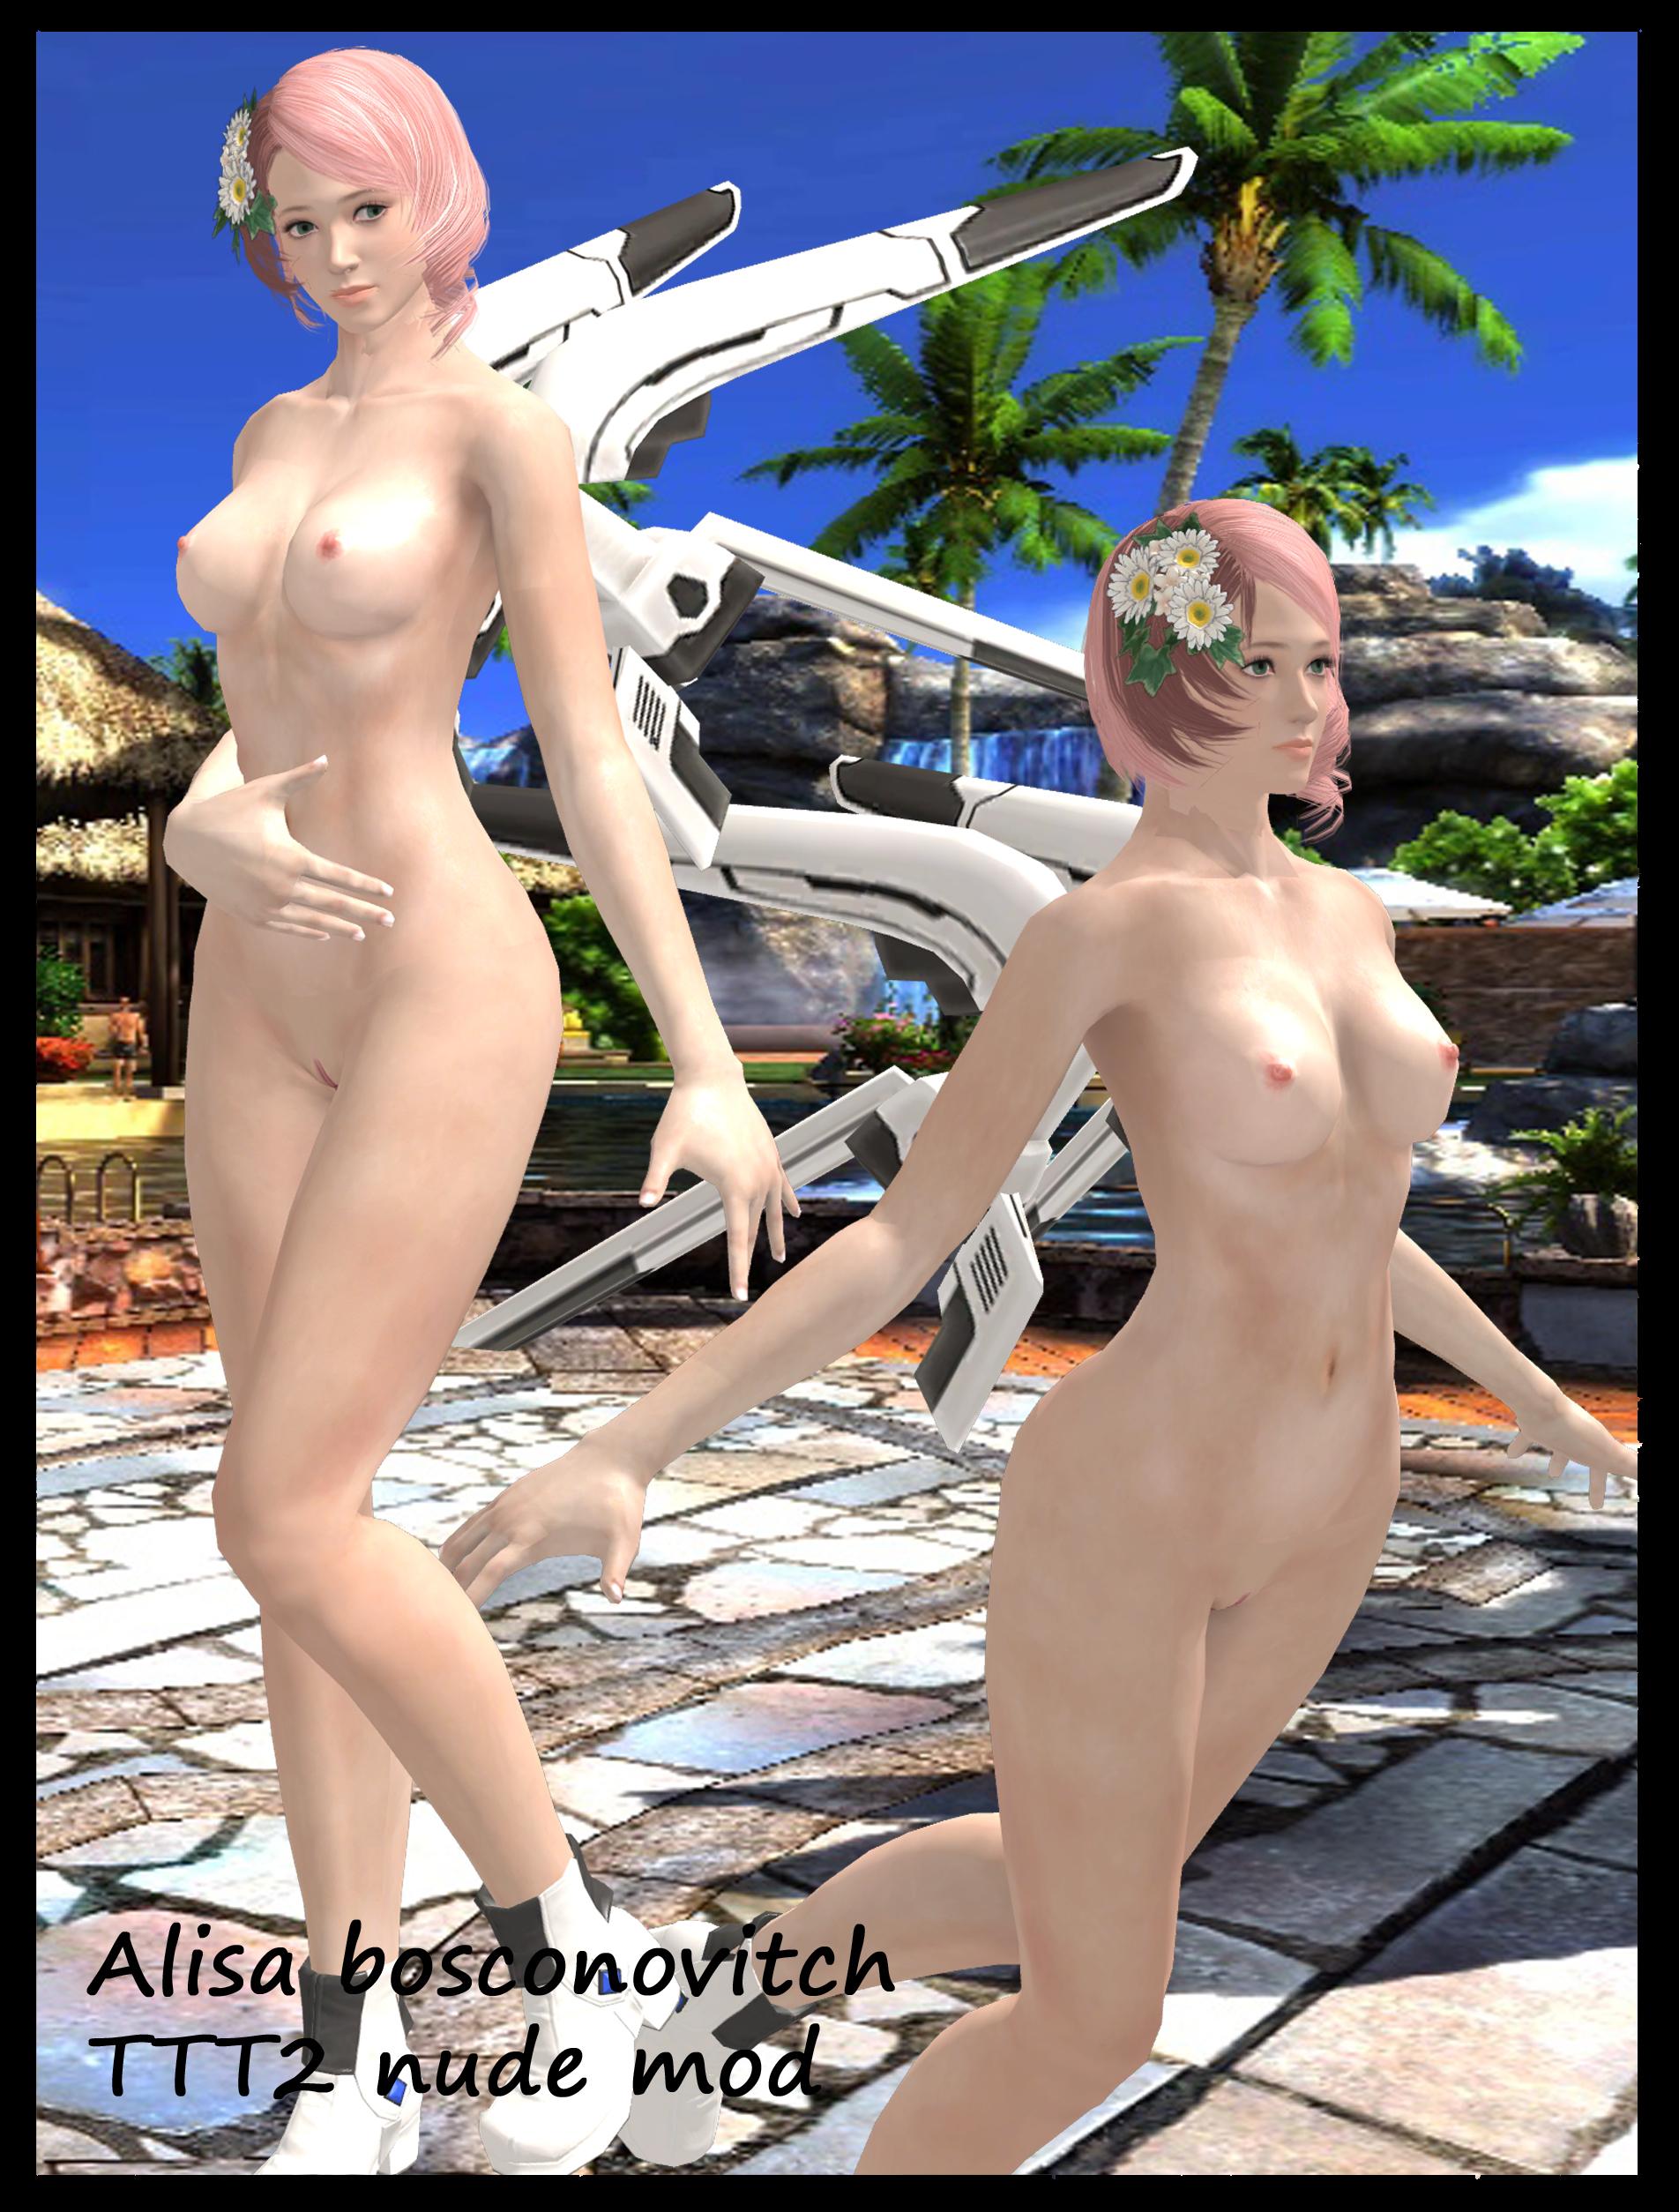 Tekken 6 nude mods sex image